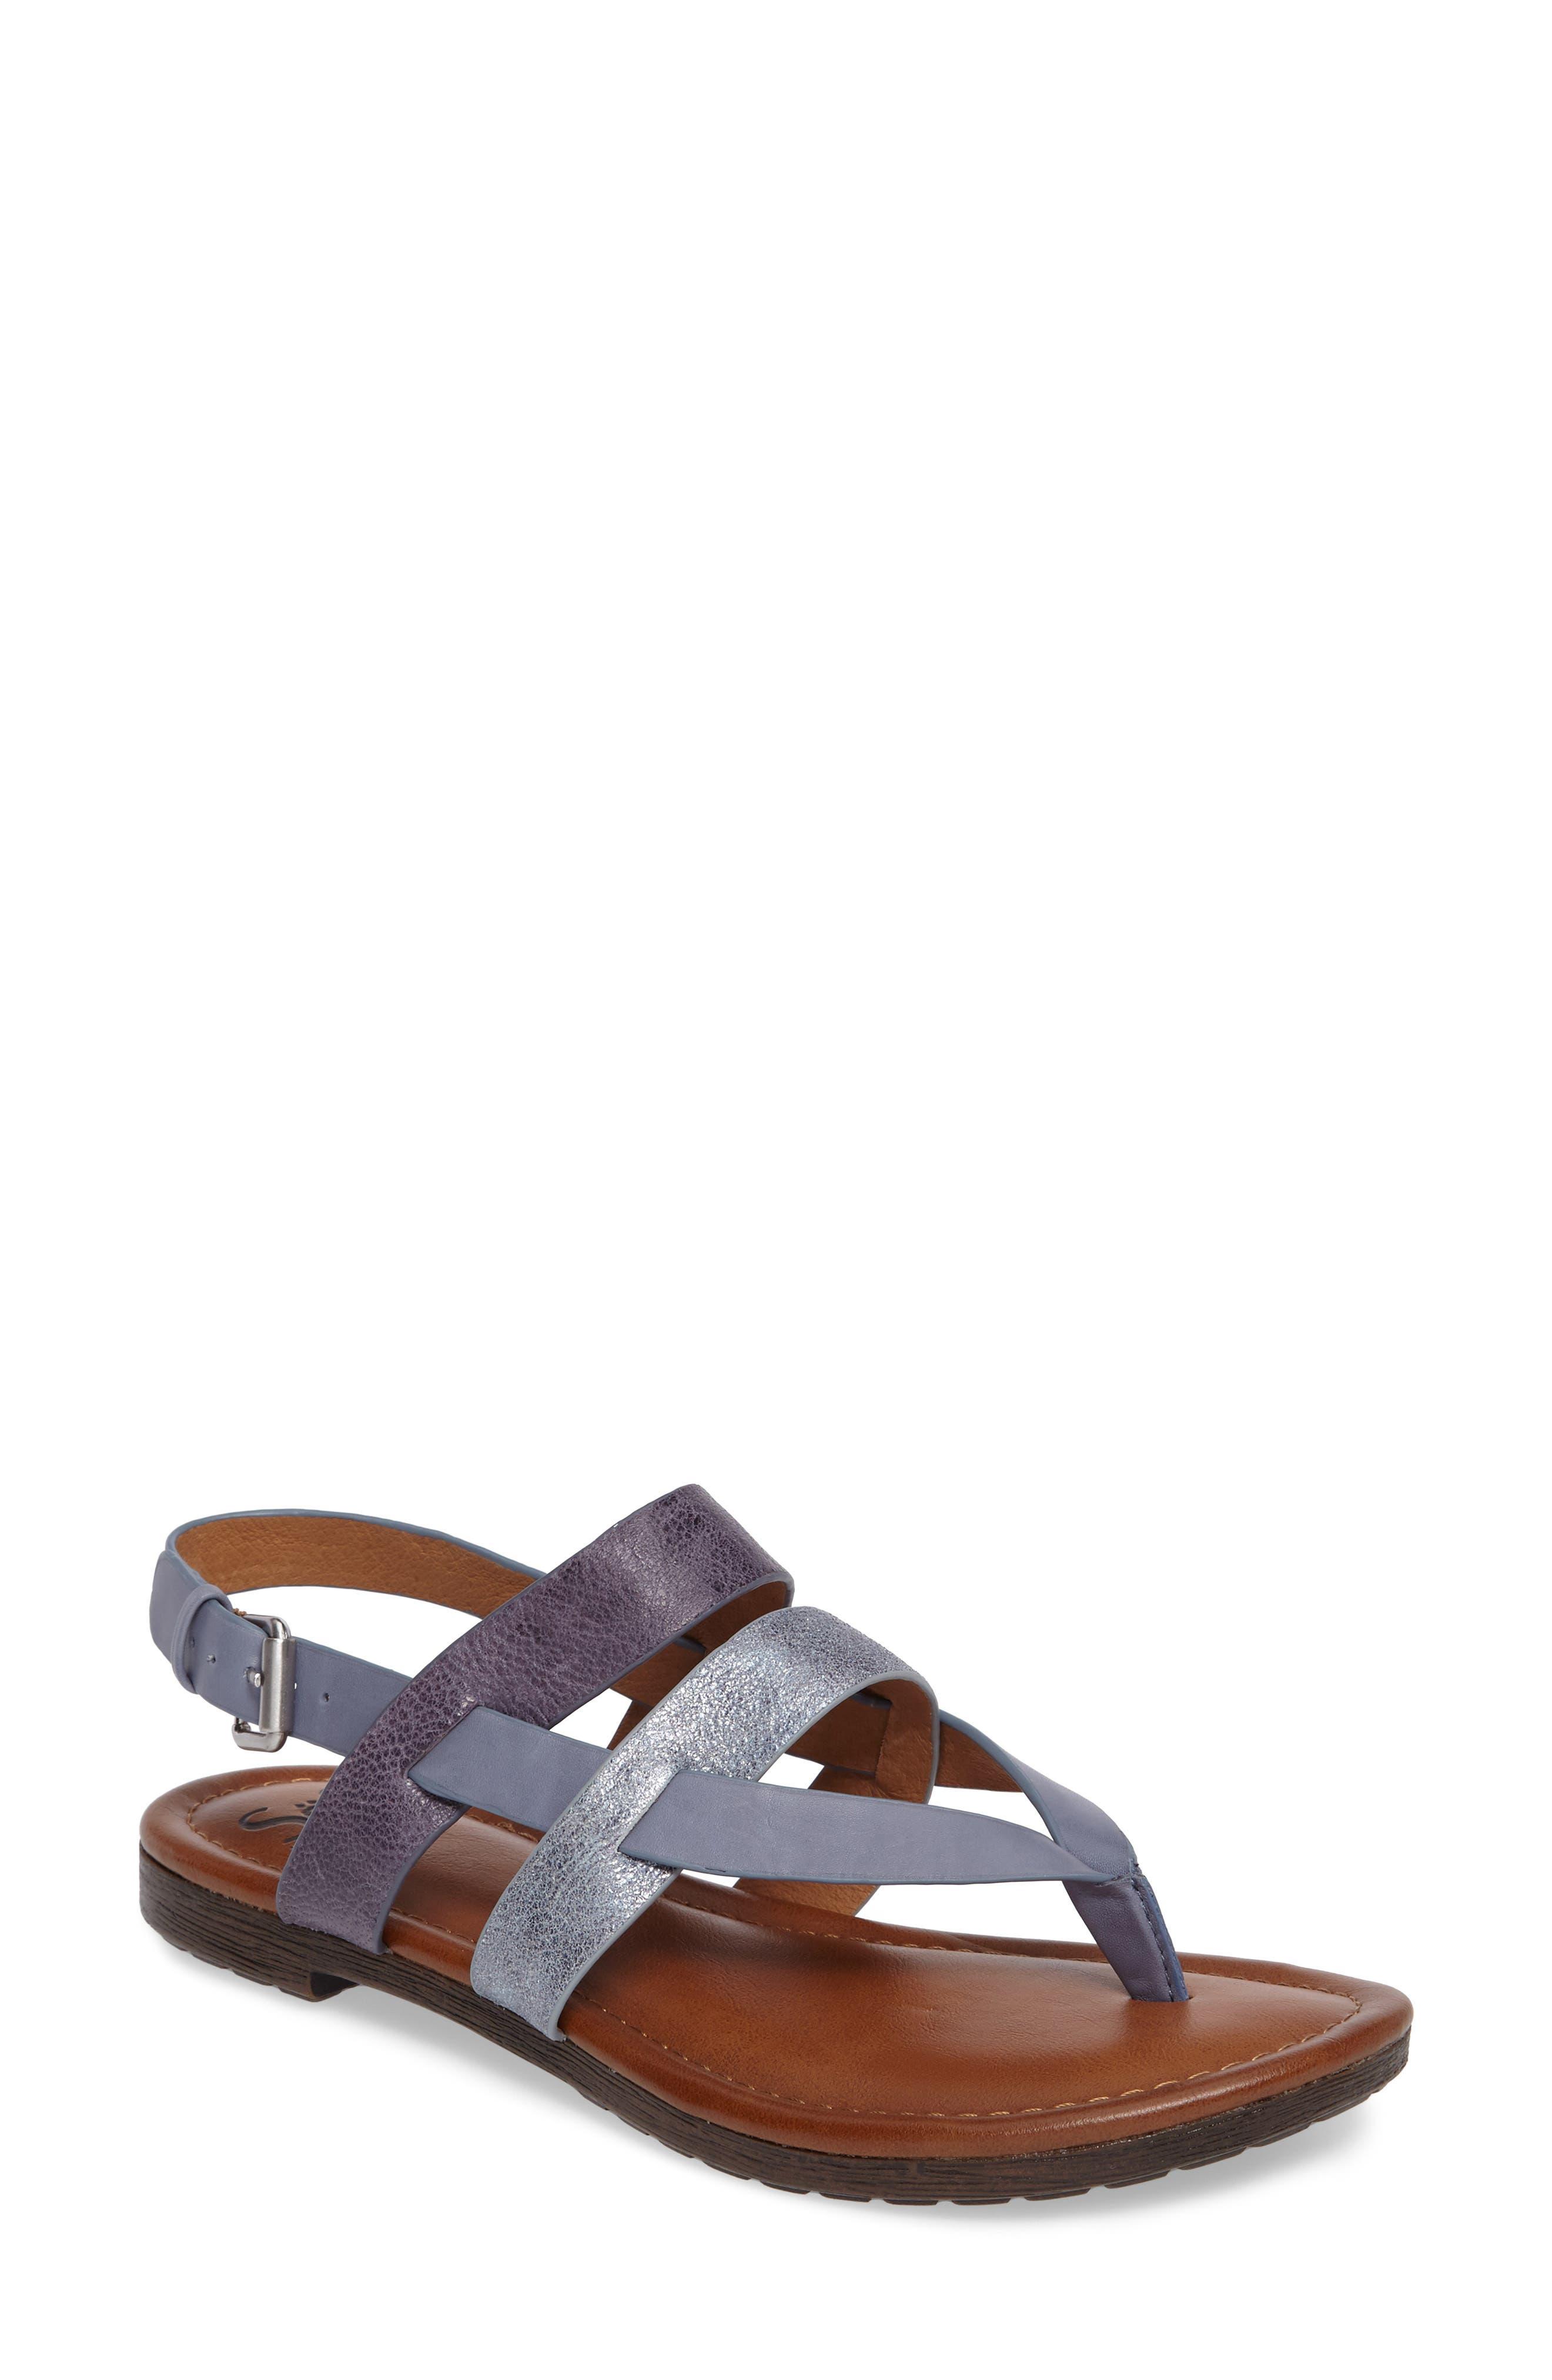 Bena Strappy Sandal,                         Main,                         color,